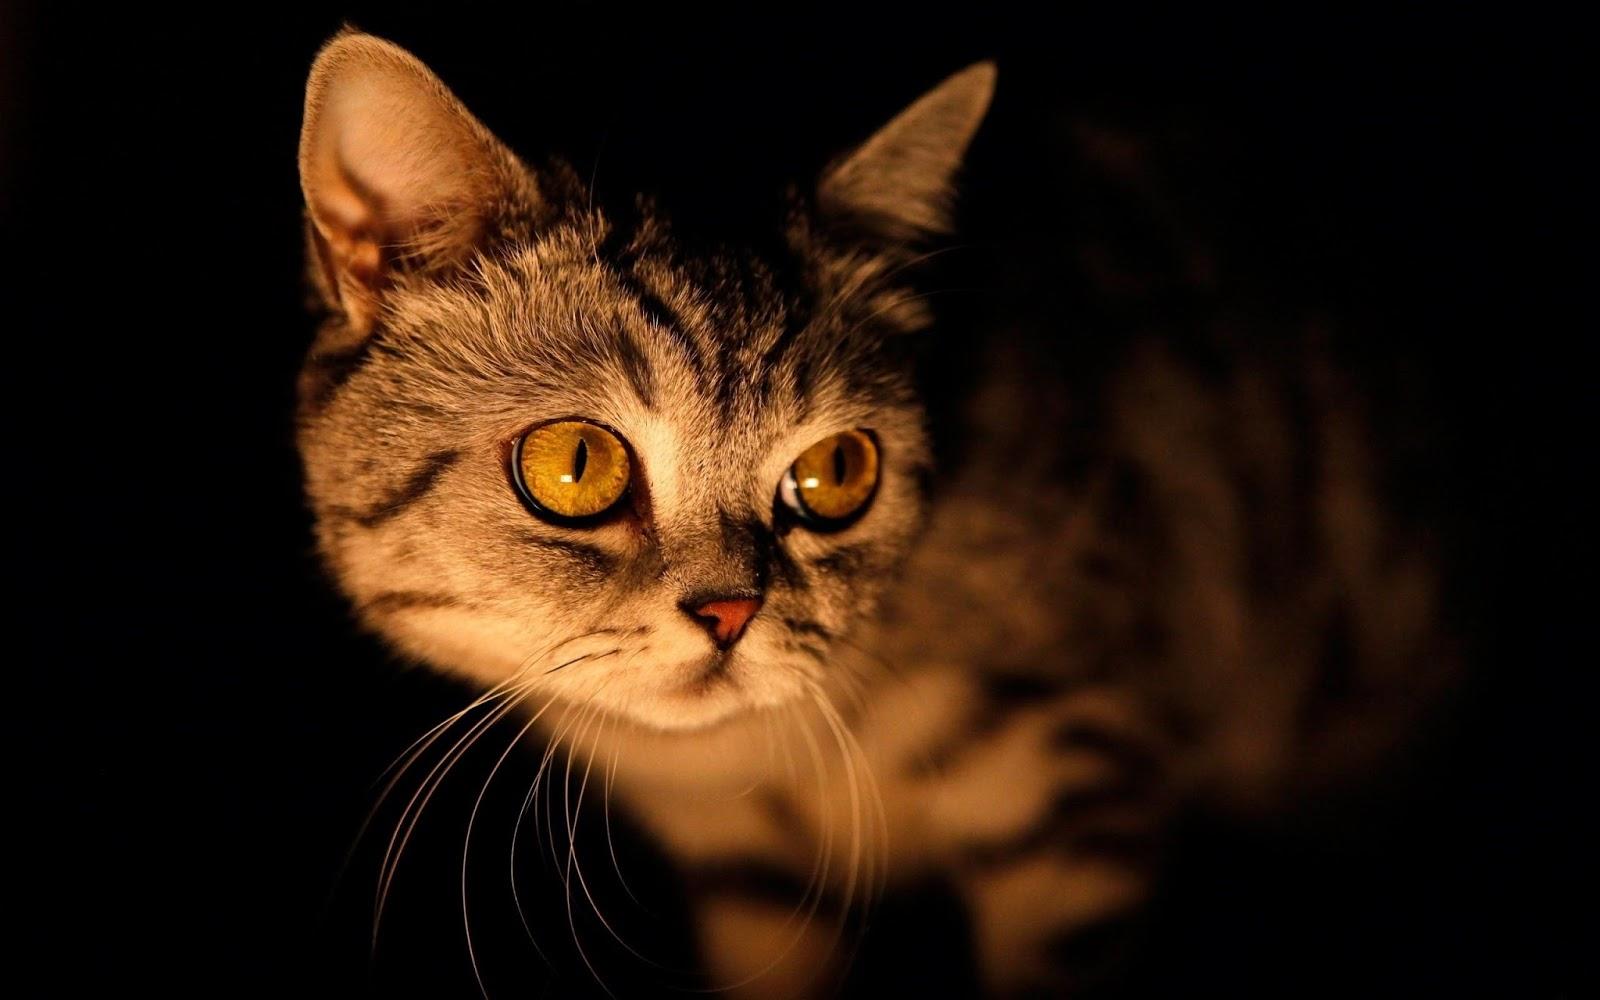 dark brown eyes cat wallpaper background